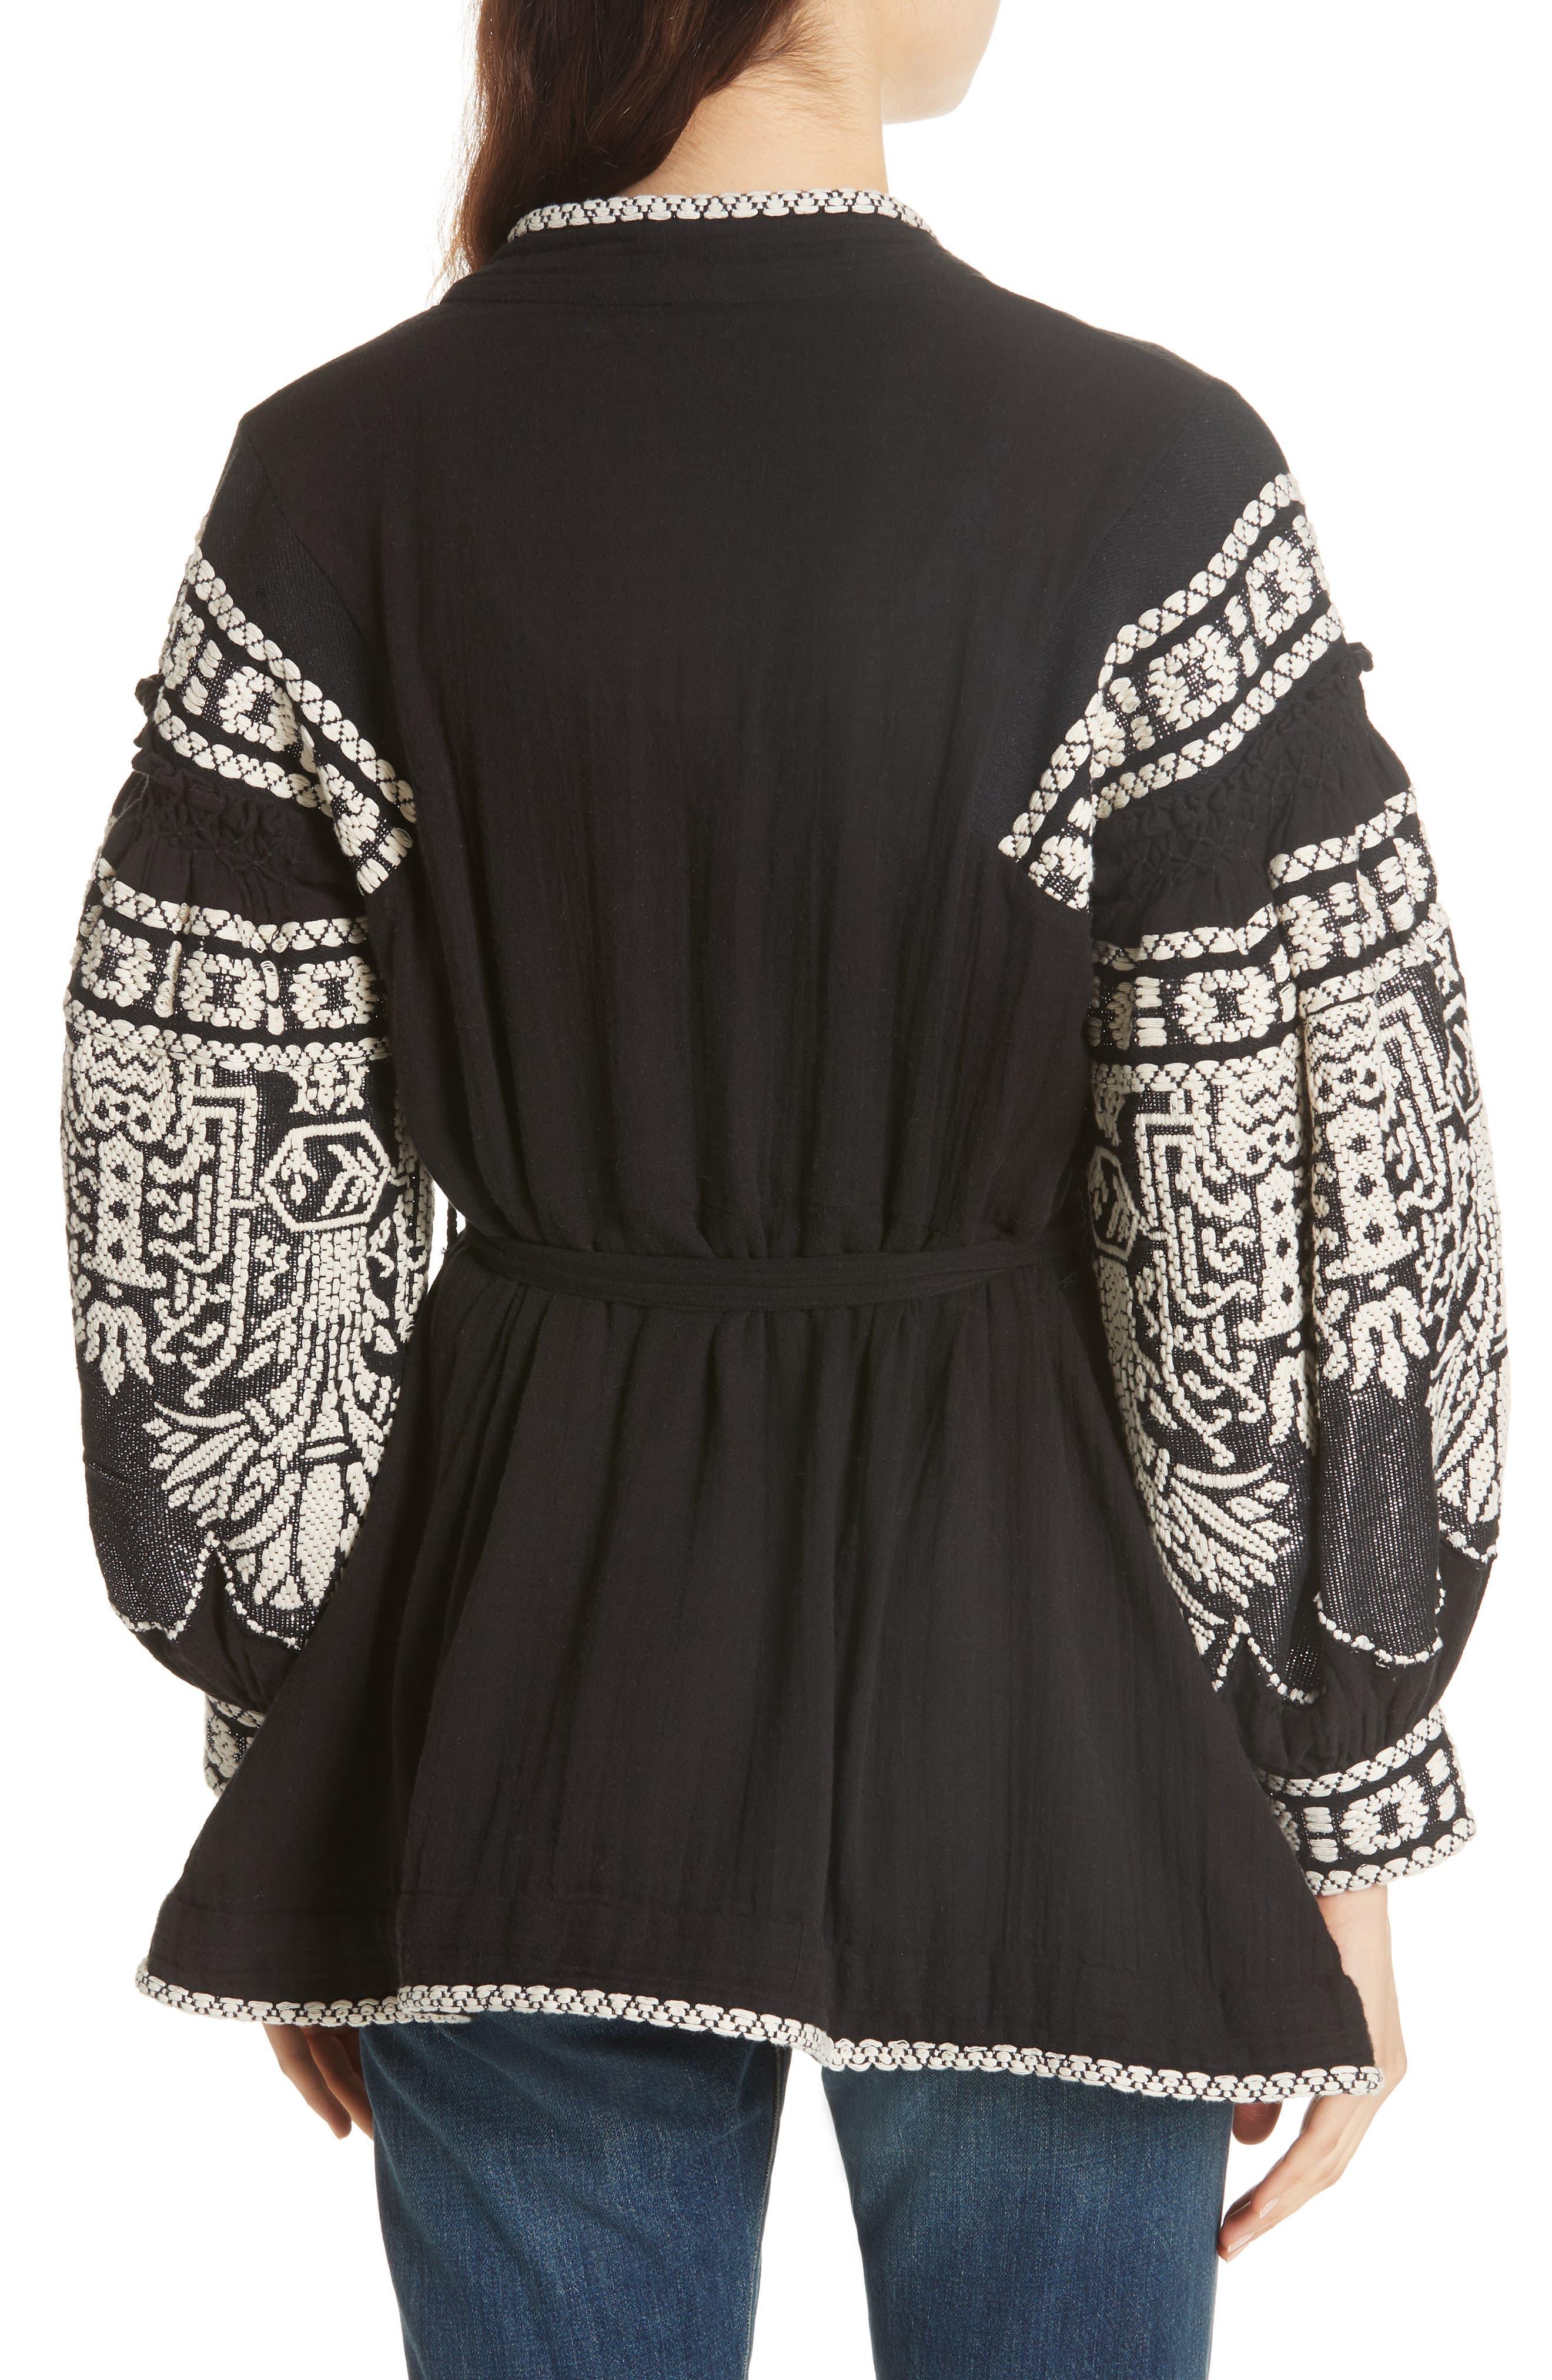 Petrushka Embroidered Jacket,                             Alternate thumbnail 2, color,                             BLACK